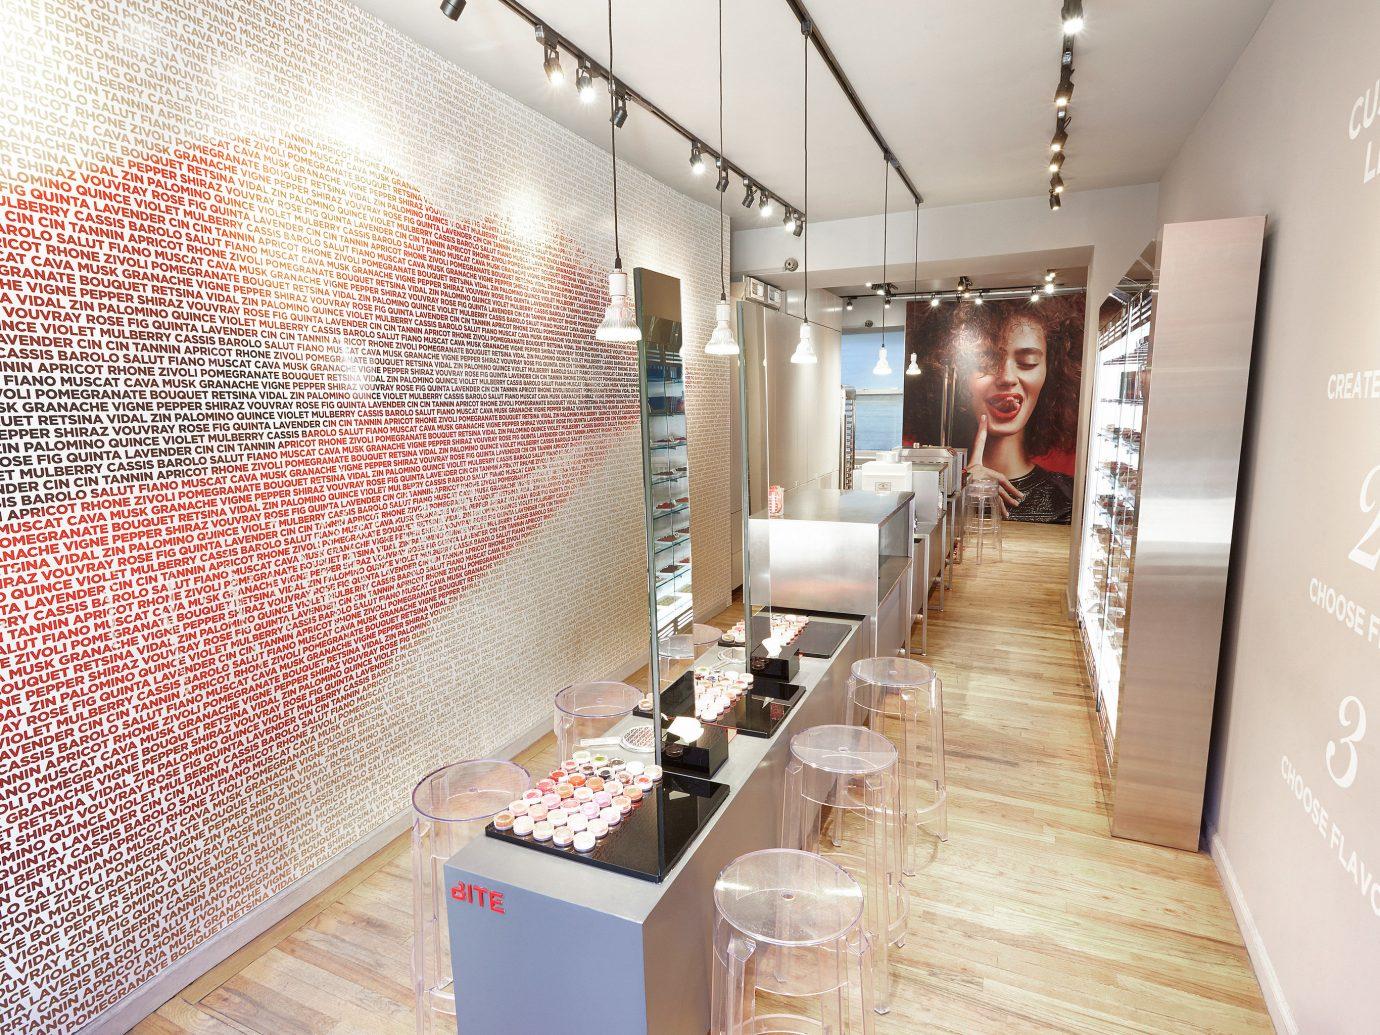 Trip Ideas indoor room interior design Lobby Design flooring window covering